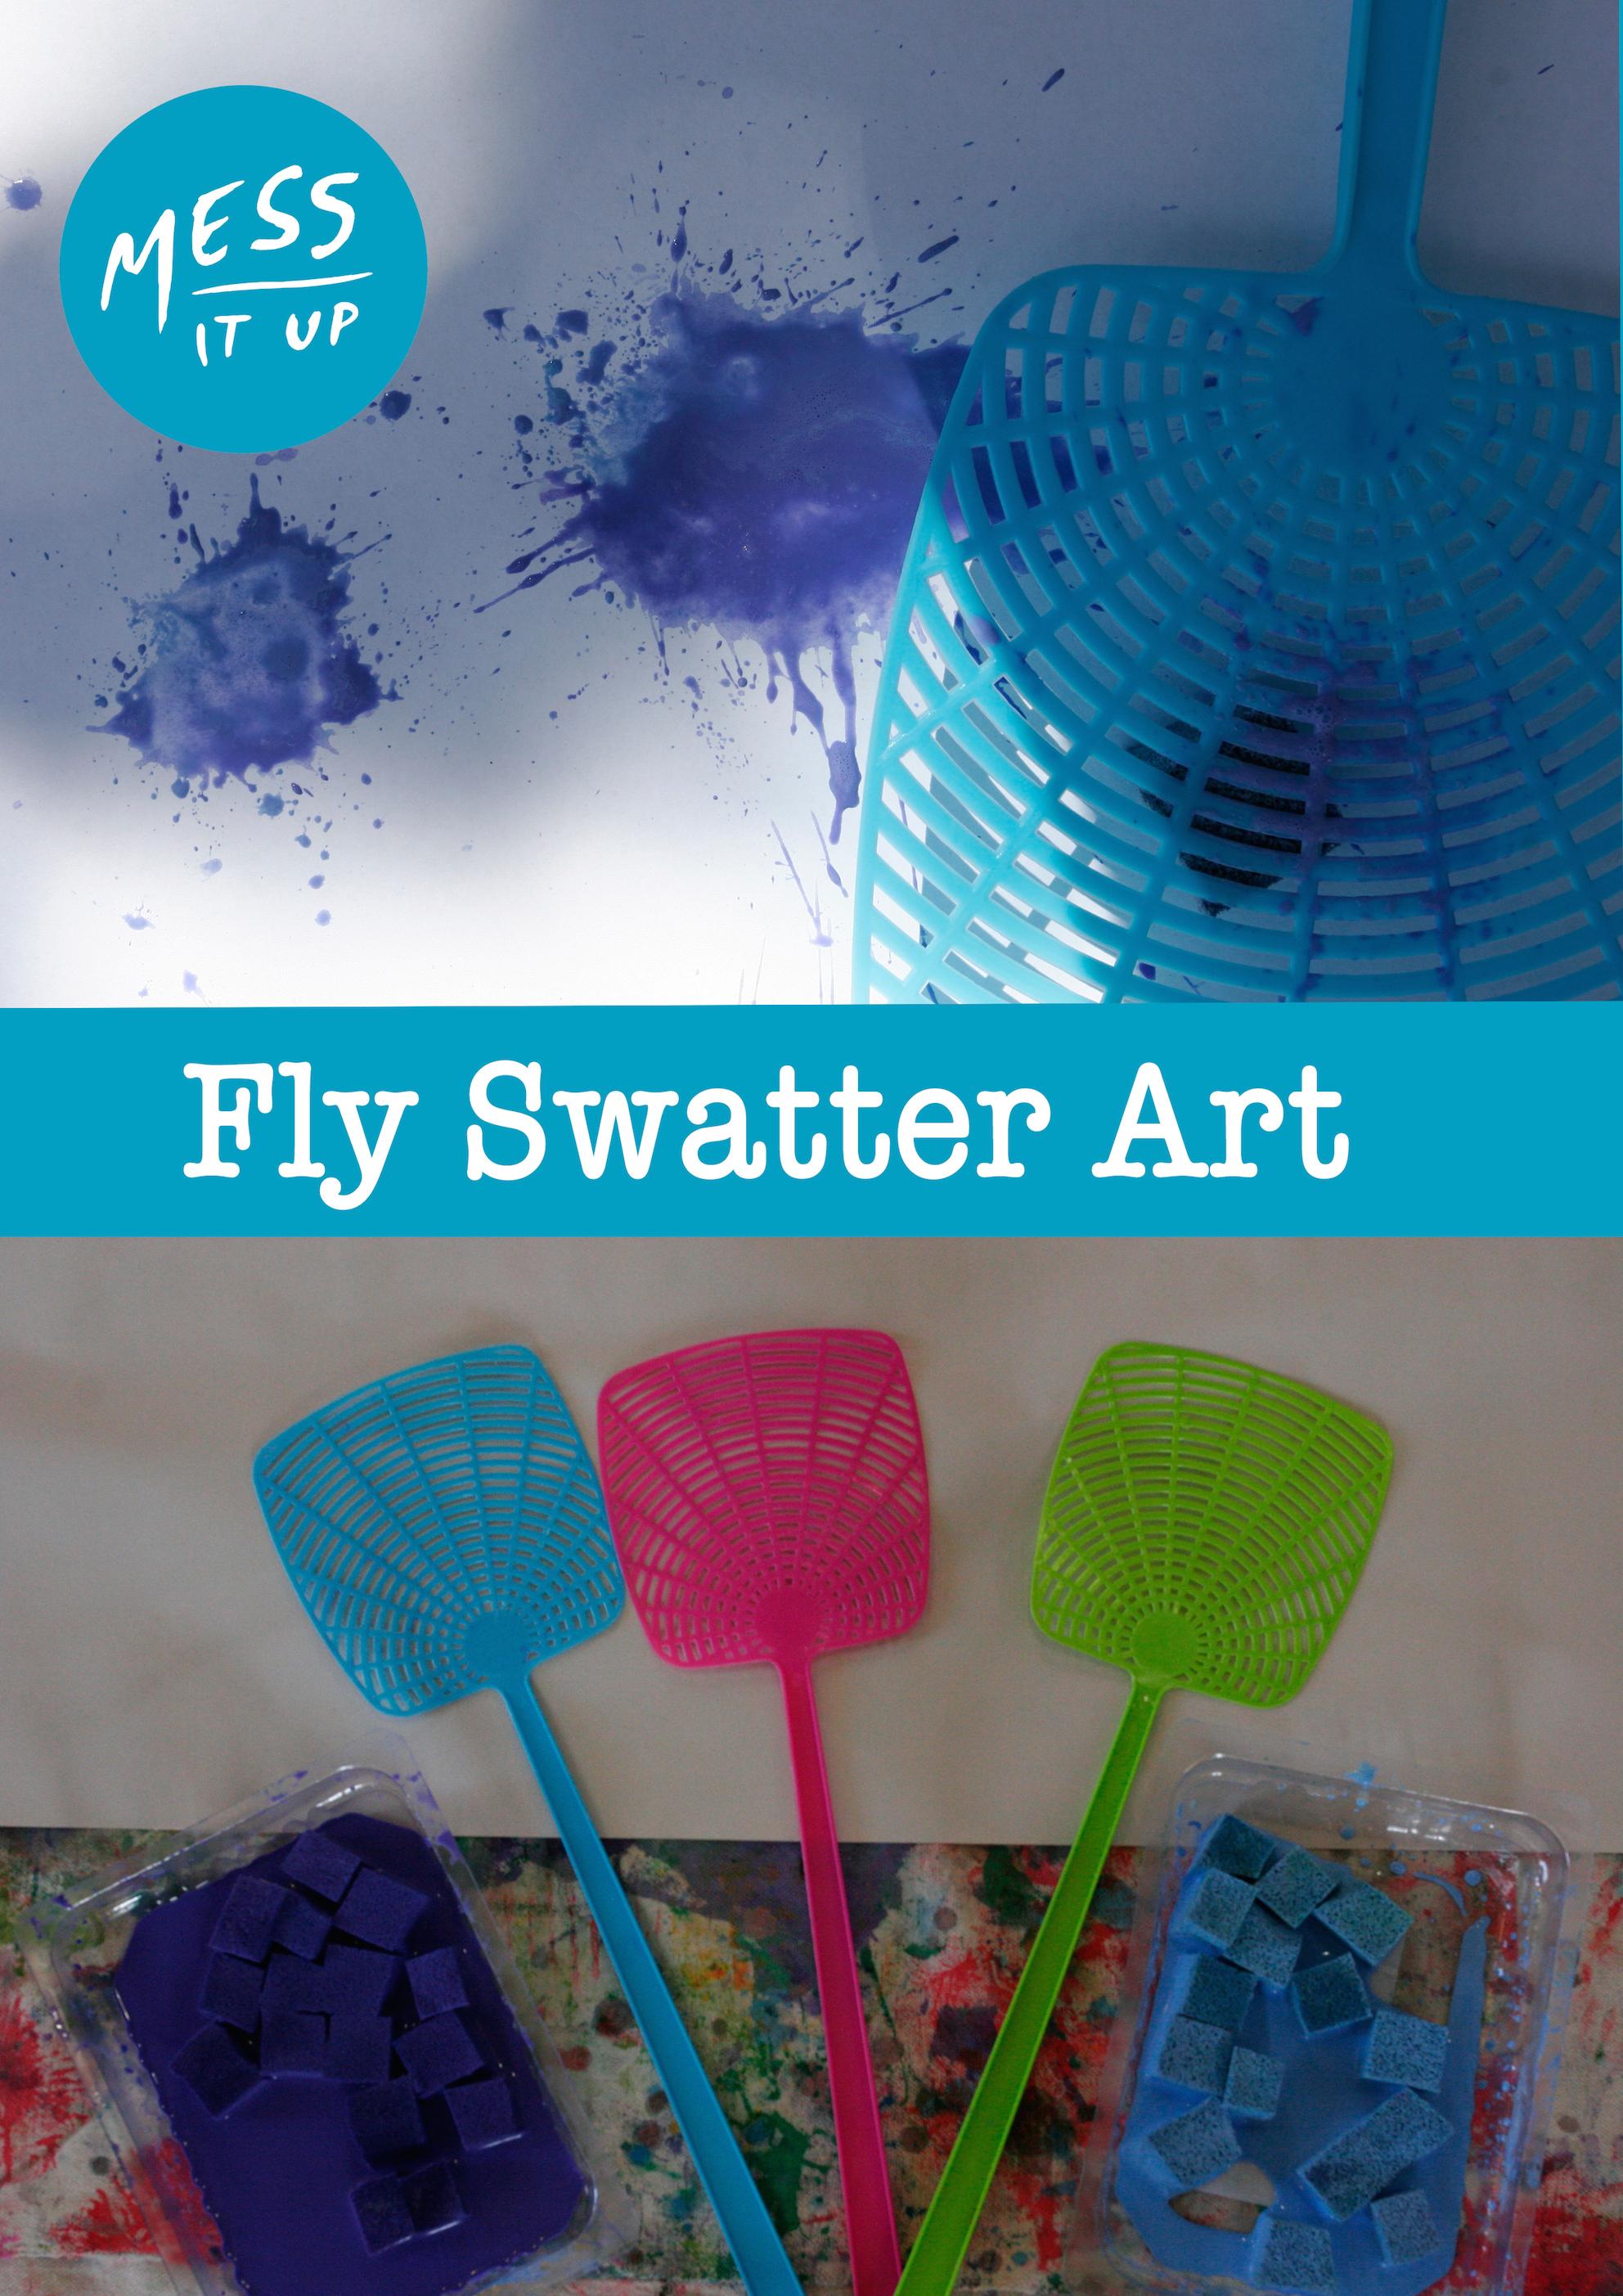 Fly swatter art